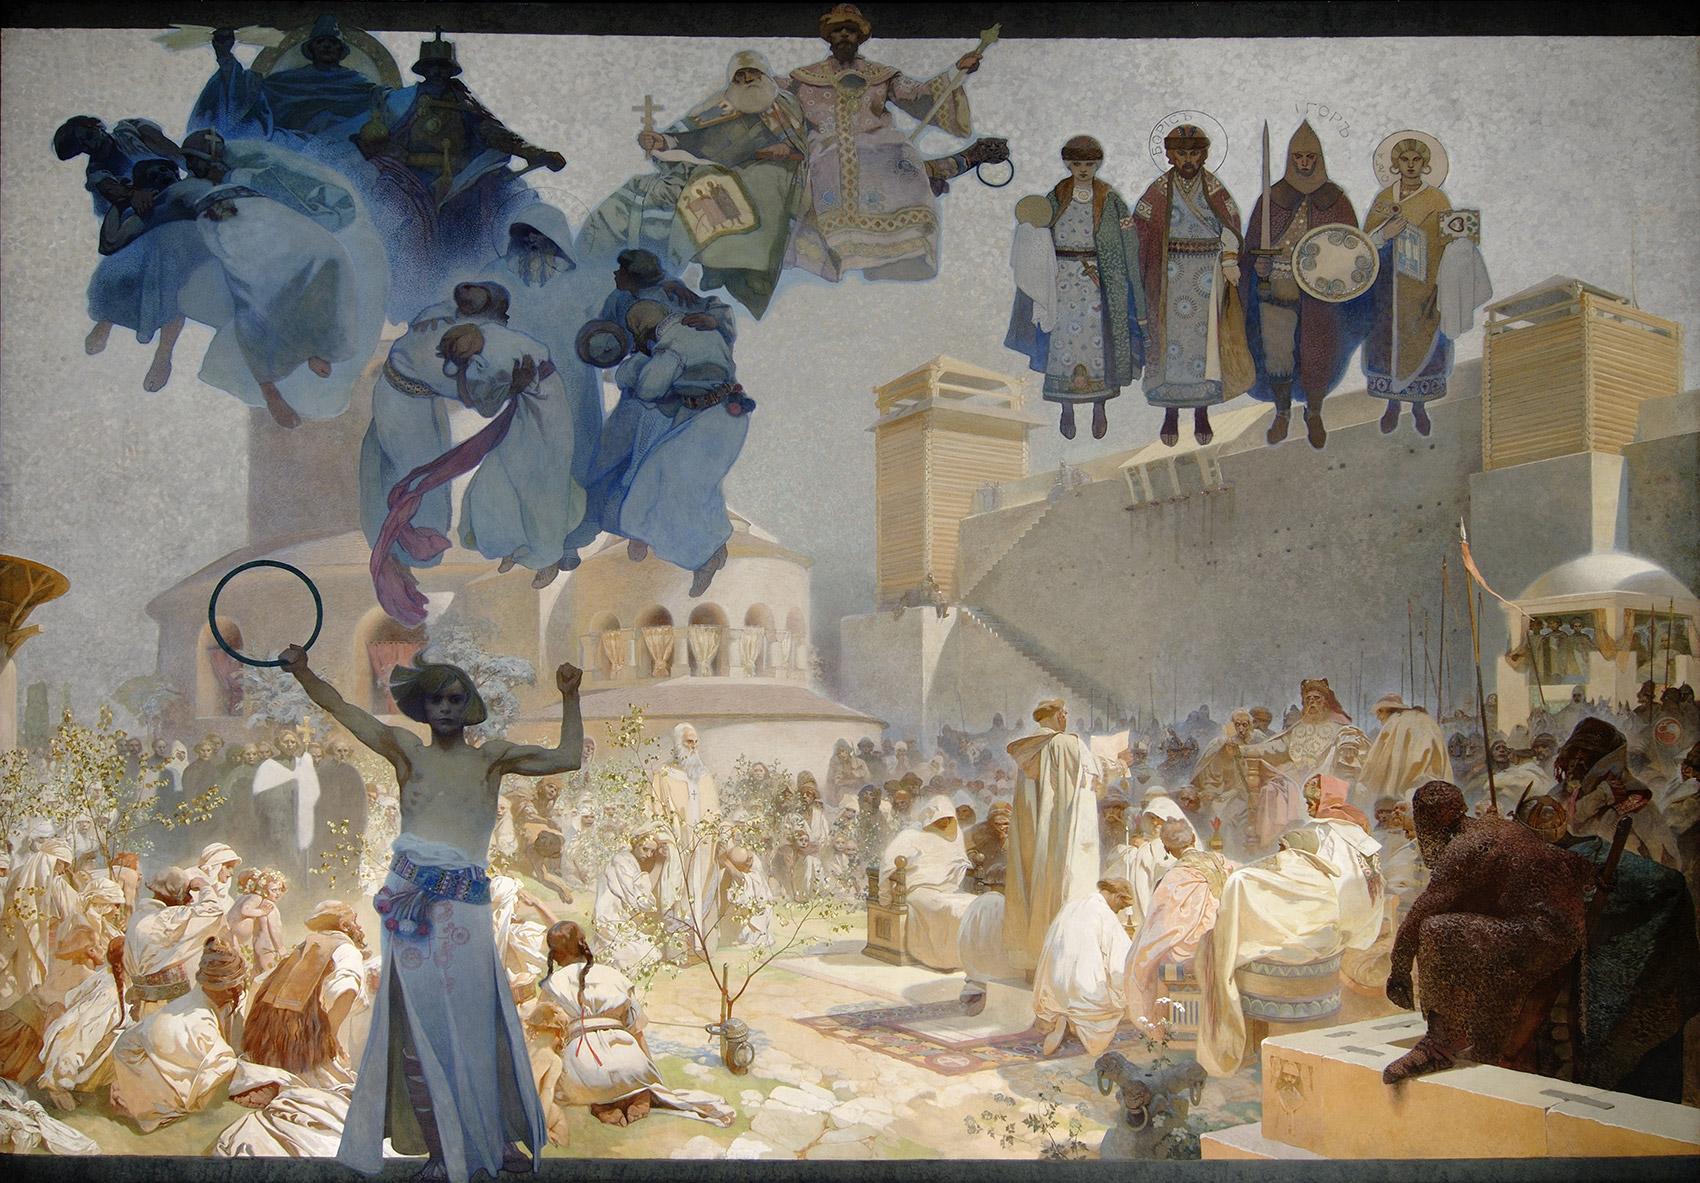 《スラヴ叙事詩「スラヴ式典礼の導入」》1912年 プラハ市立美術館 ©Prague City Gallery